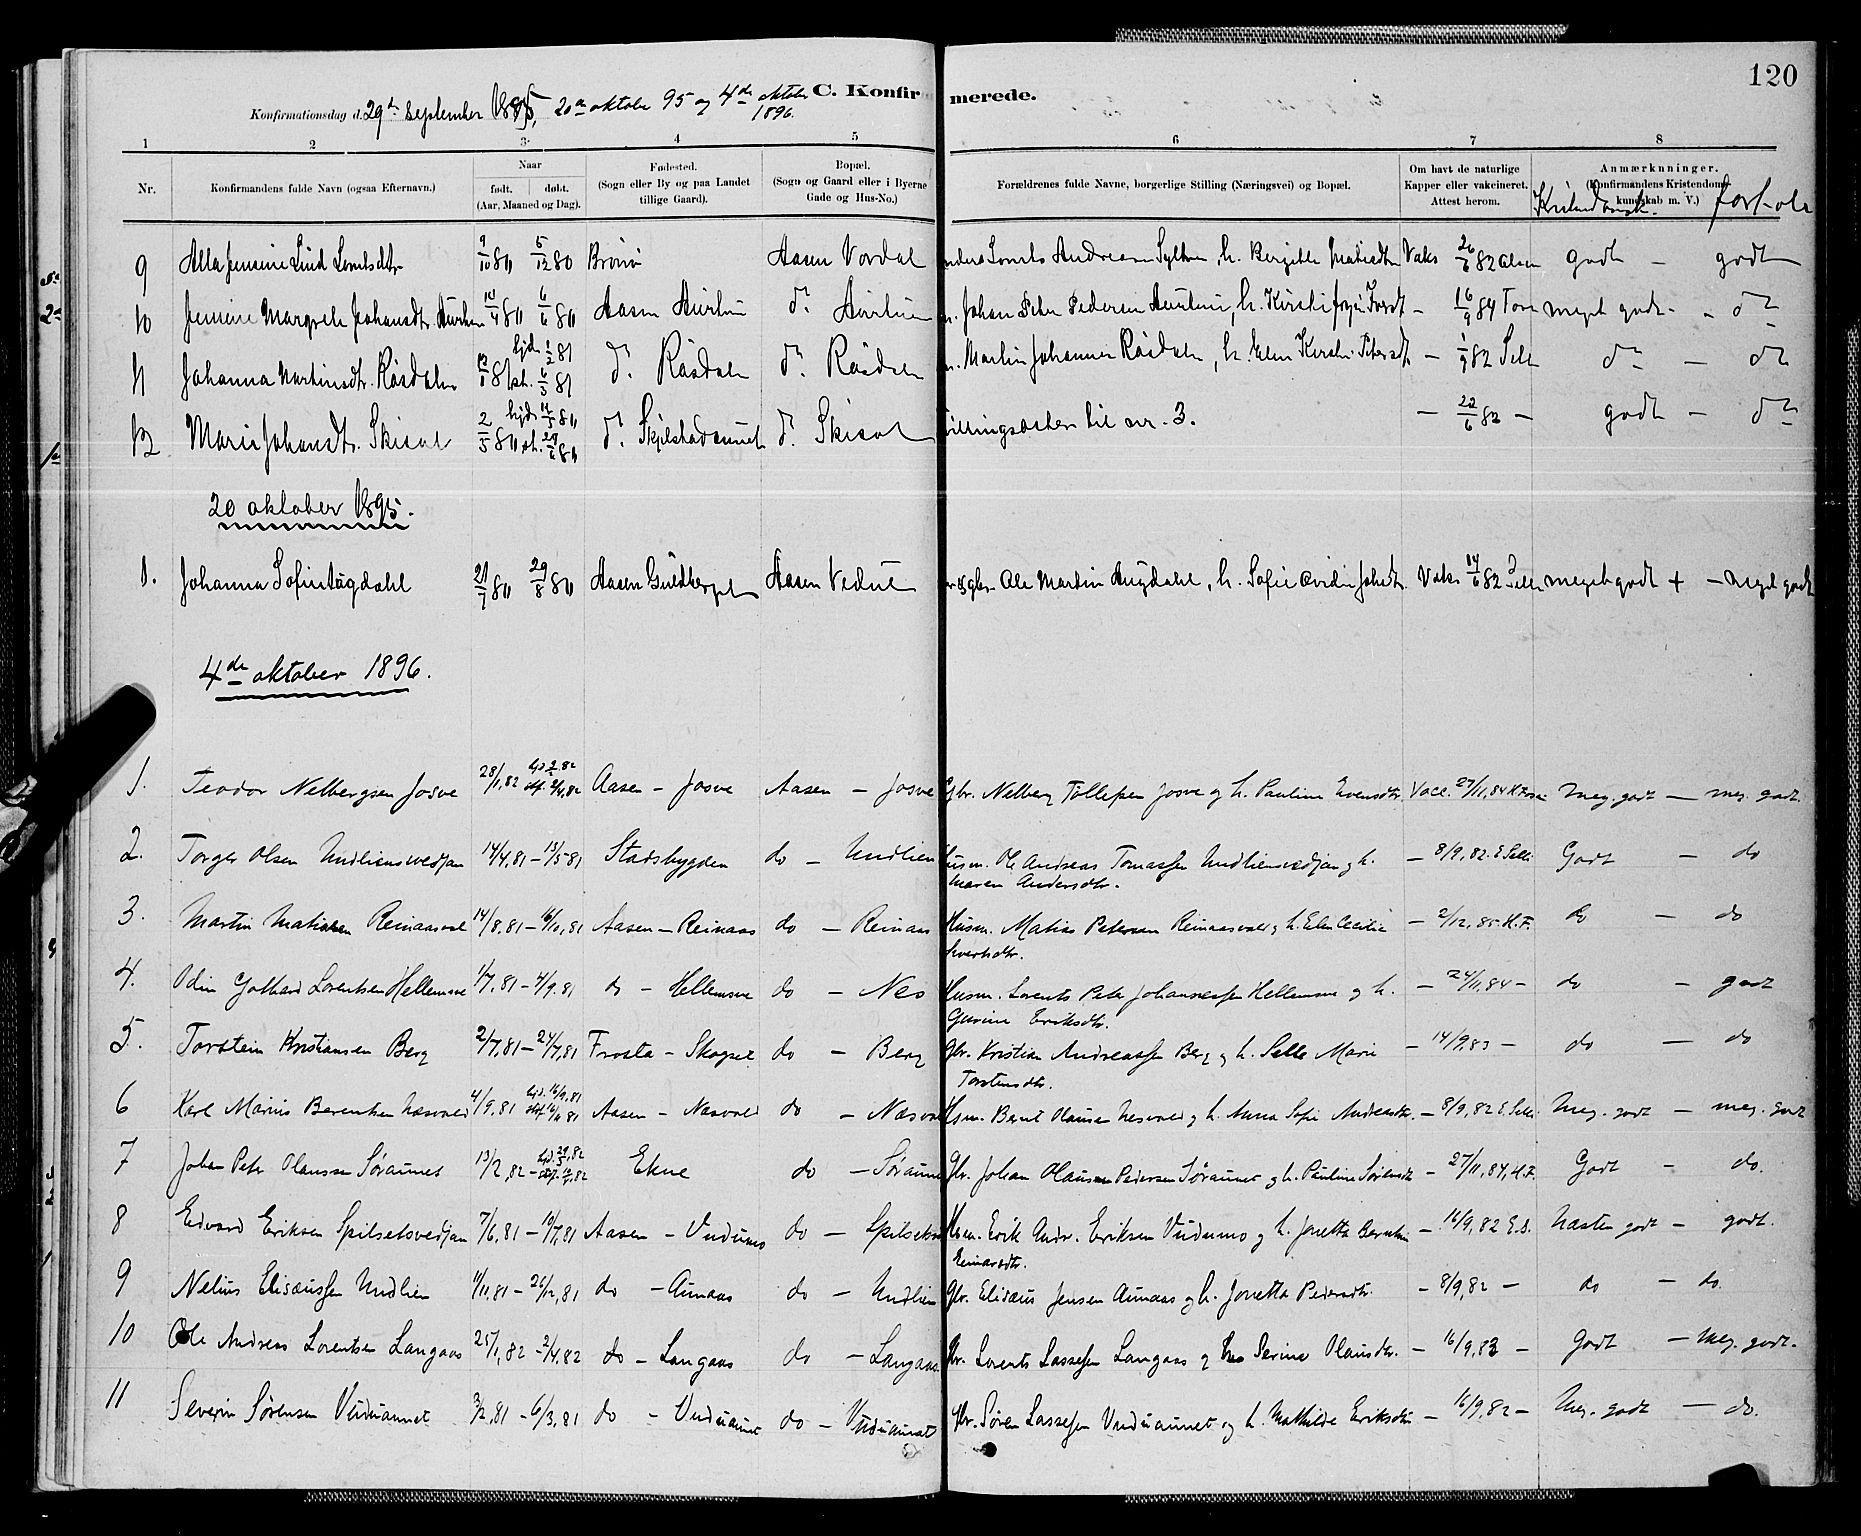 SAT, Ministerialprotokoller, klokkerbøker og fødselsregistre - Nord-Trøndelag, 714/L0134: Klokkerbok nr. 714C03, 1878-1898, s. 120